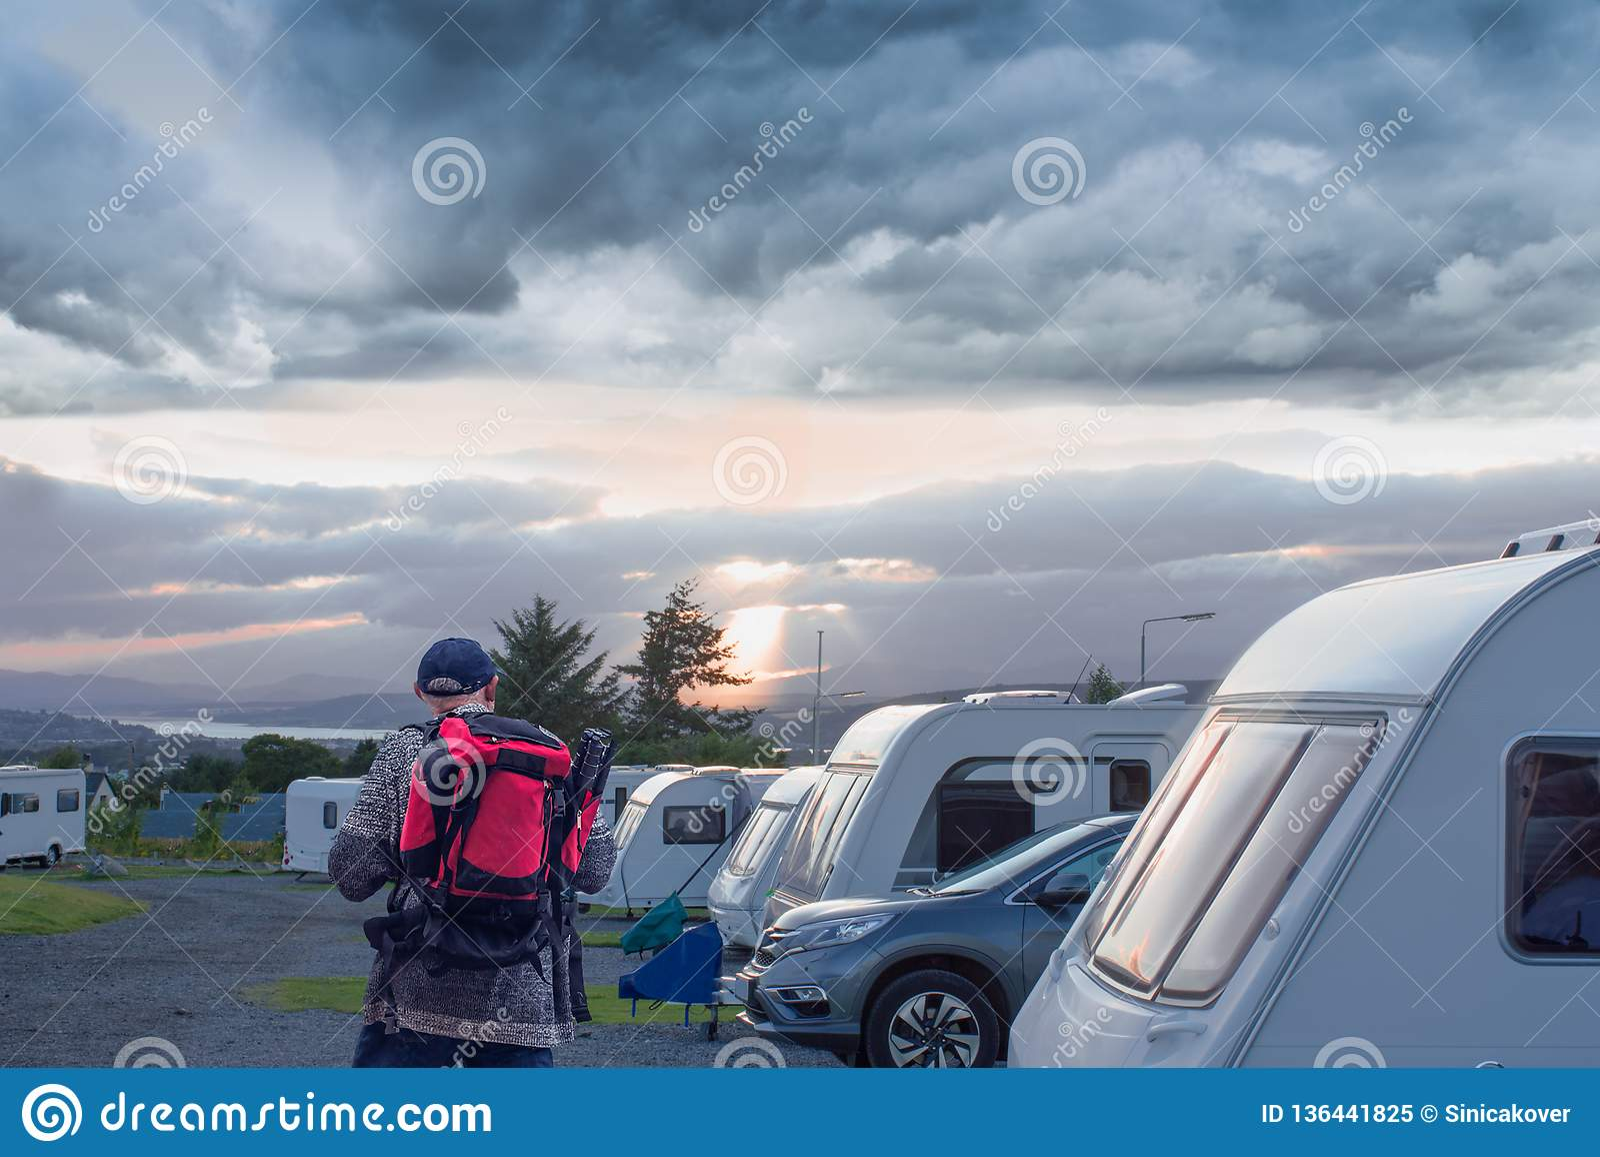 Campa parkering Hög fotograf som ser ett sömnställe i touristikläger leetafton, Skottland